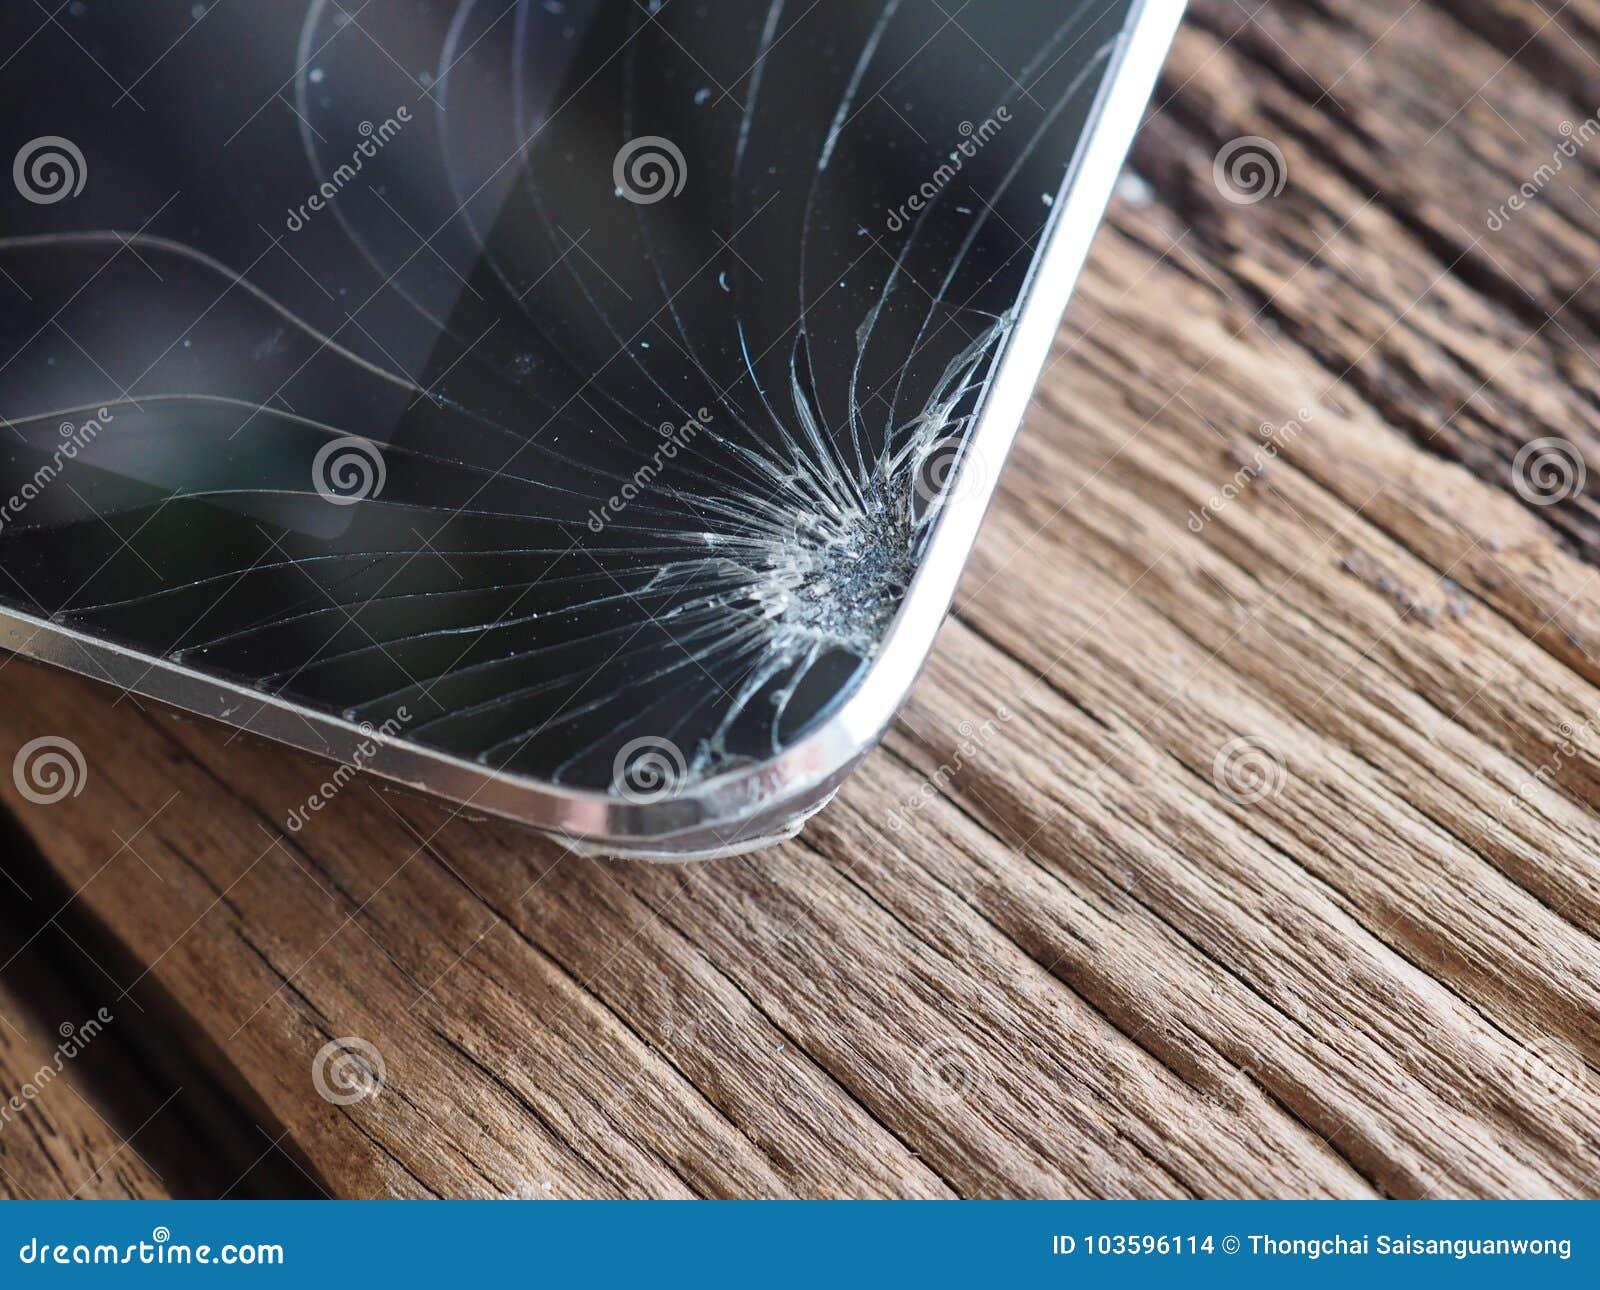 Οι οθόνες Smartphone σπάζουν από το μειωμένο έδαφος και τη διαστημική συμφωνία με την έννοια της τεχνολογίας ατυχήματος, ασφάλεια